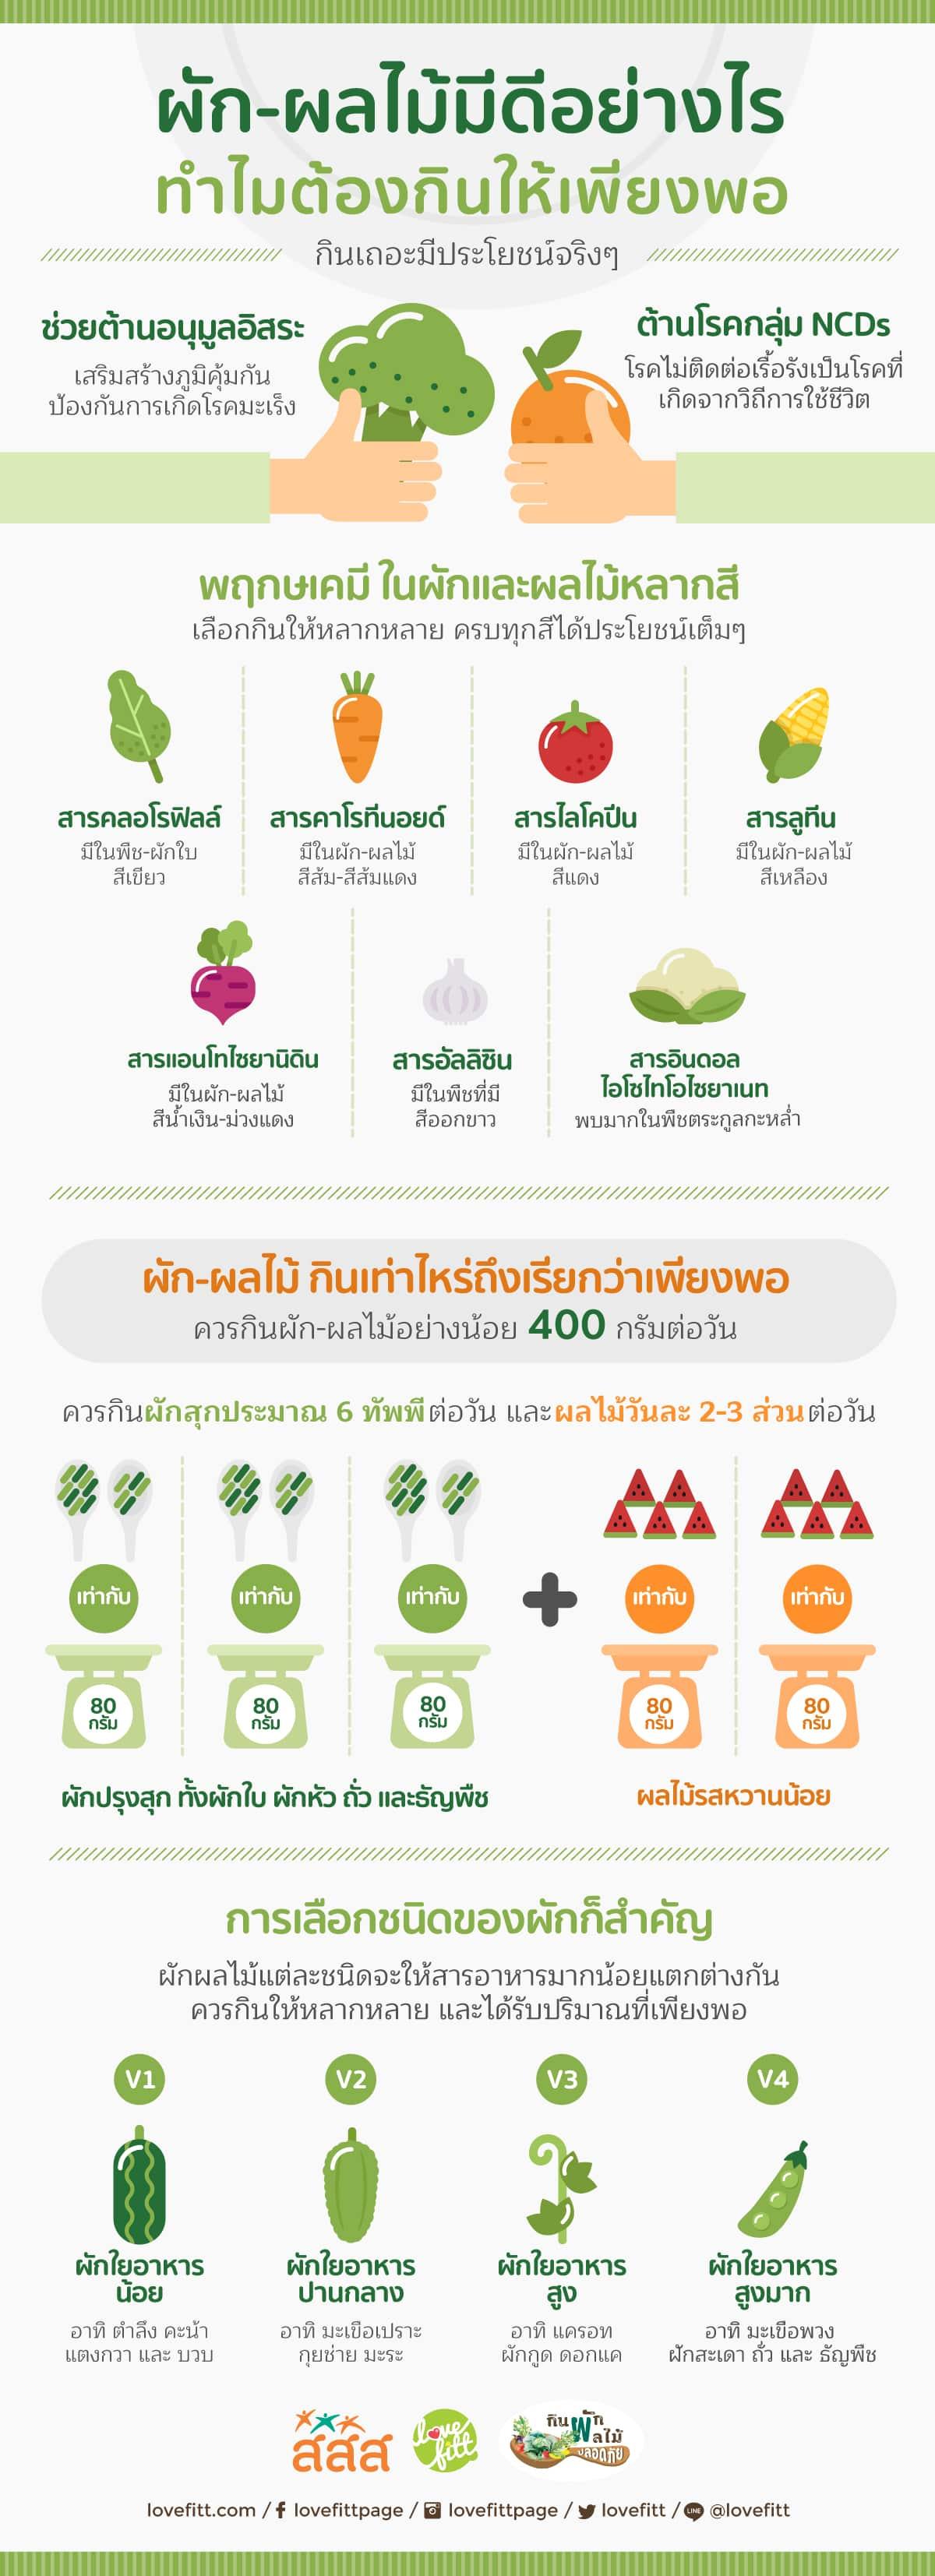 กินผักผลไม้ให้เพียงพอ ช่วยต้านโรคไม่ติดต่อเรื้อรัง